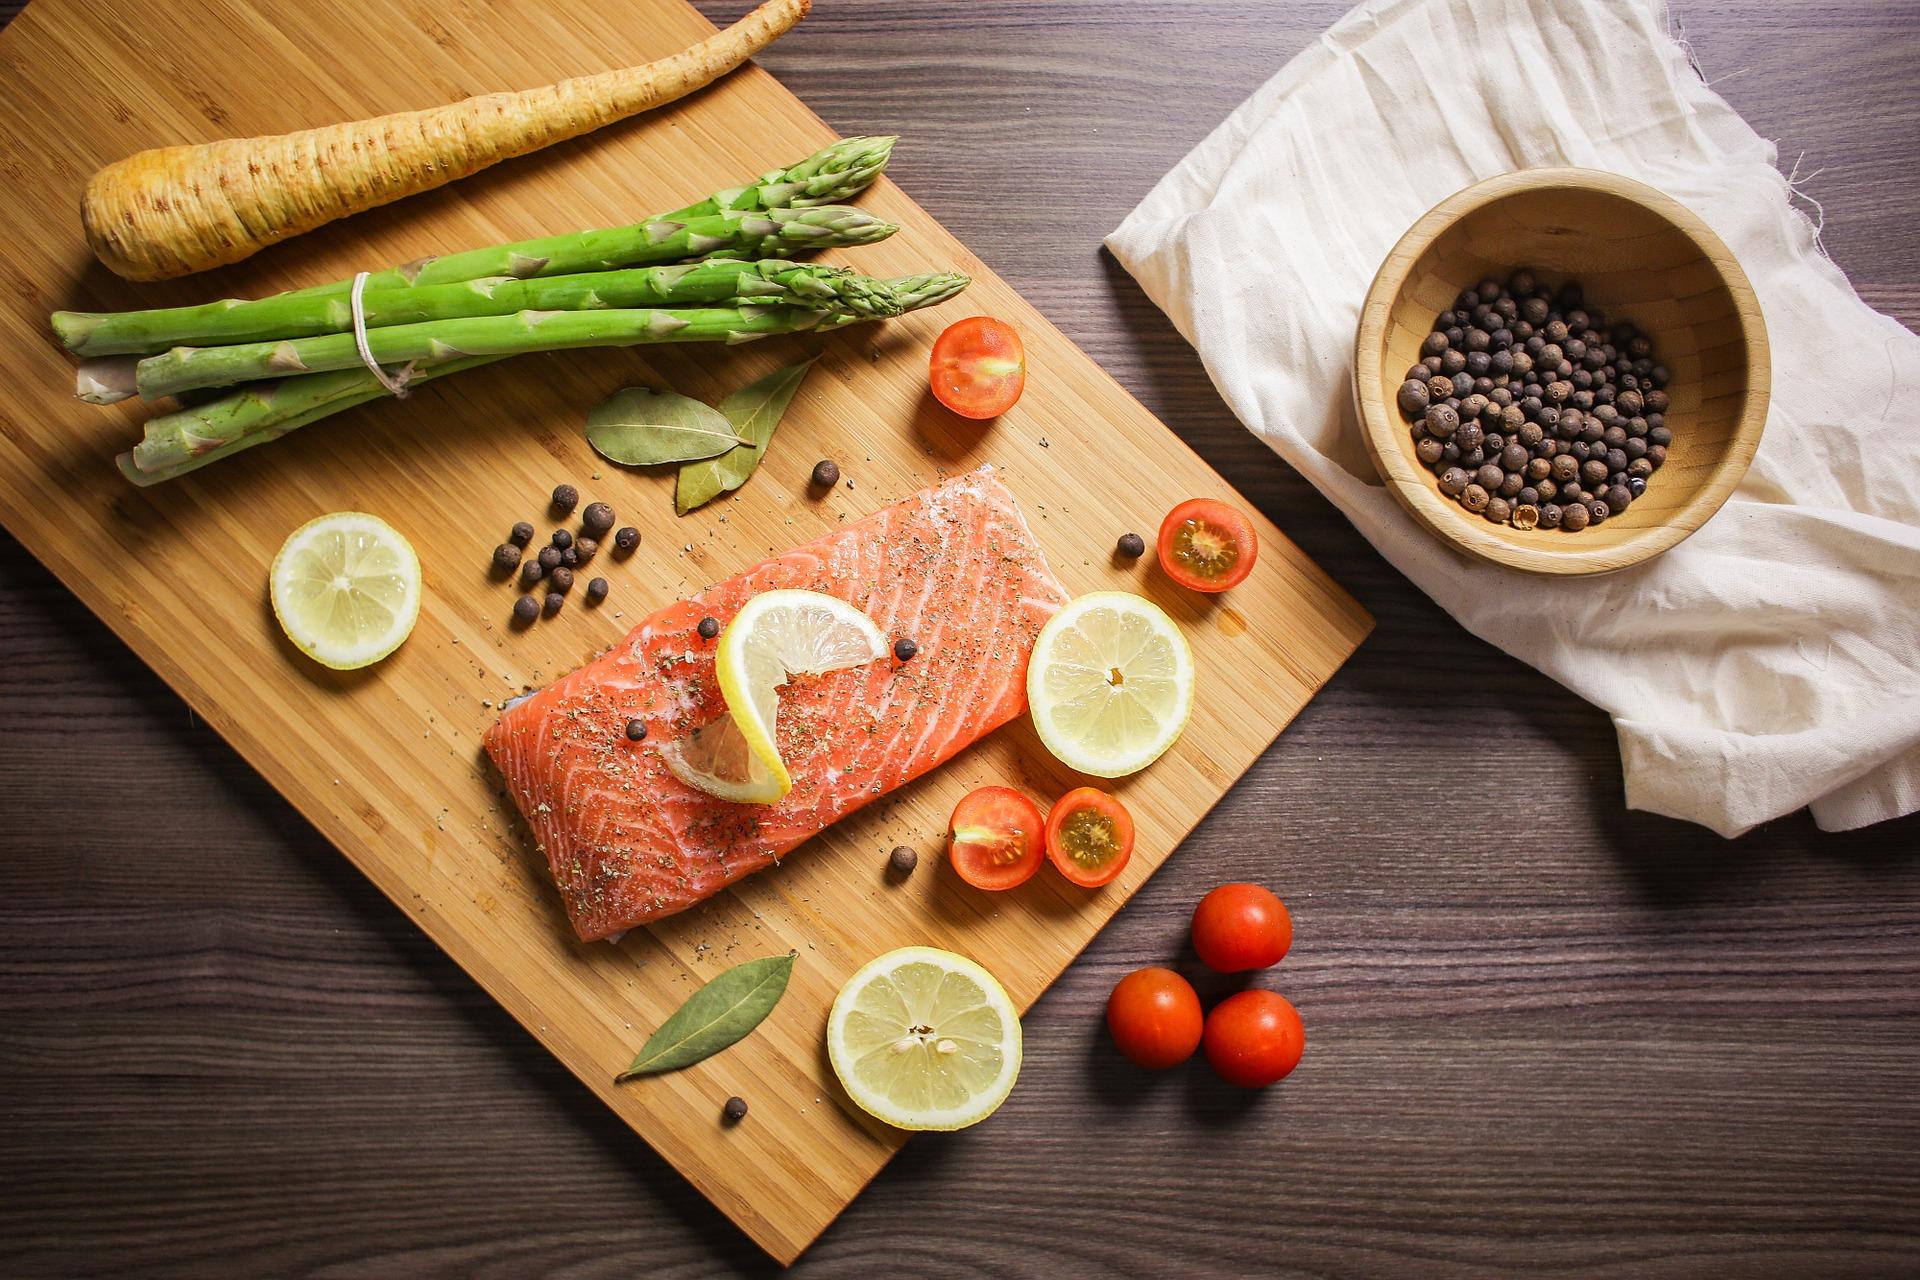 Zalm kan je ook vinden binnen het keto dieet. Zalm zit ook boordevol goede en gezonde vetten.